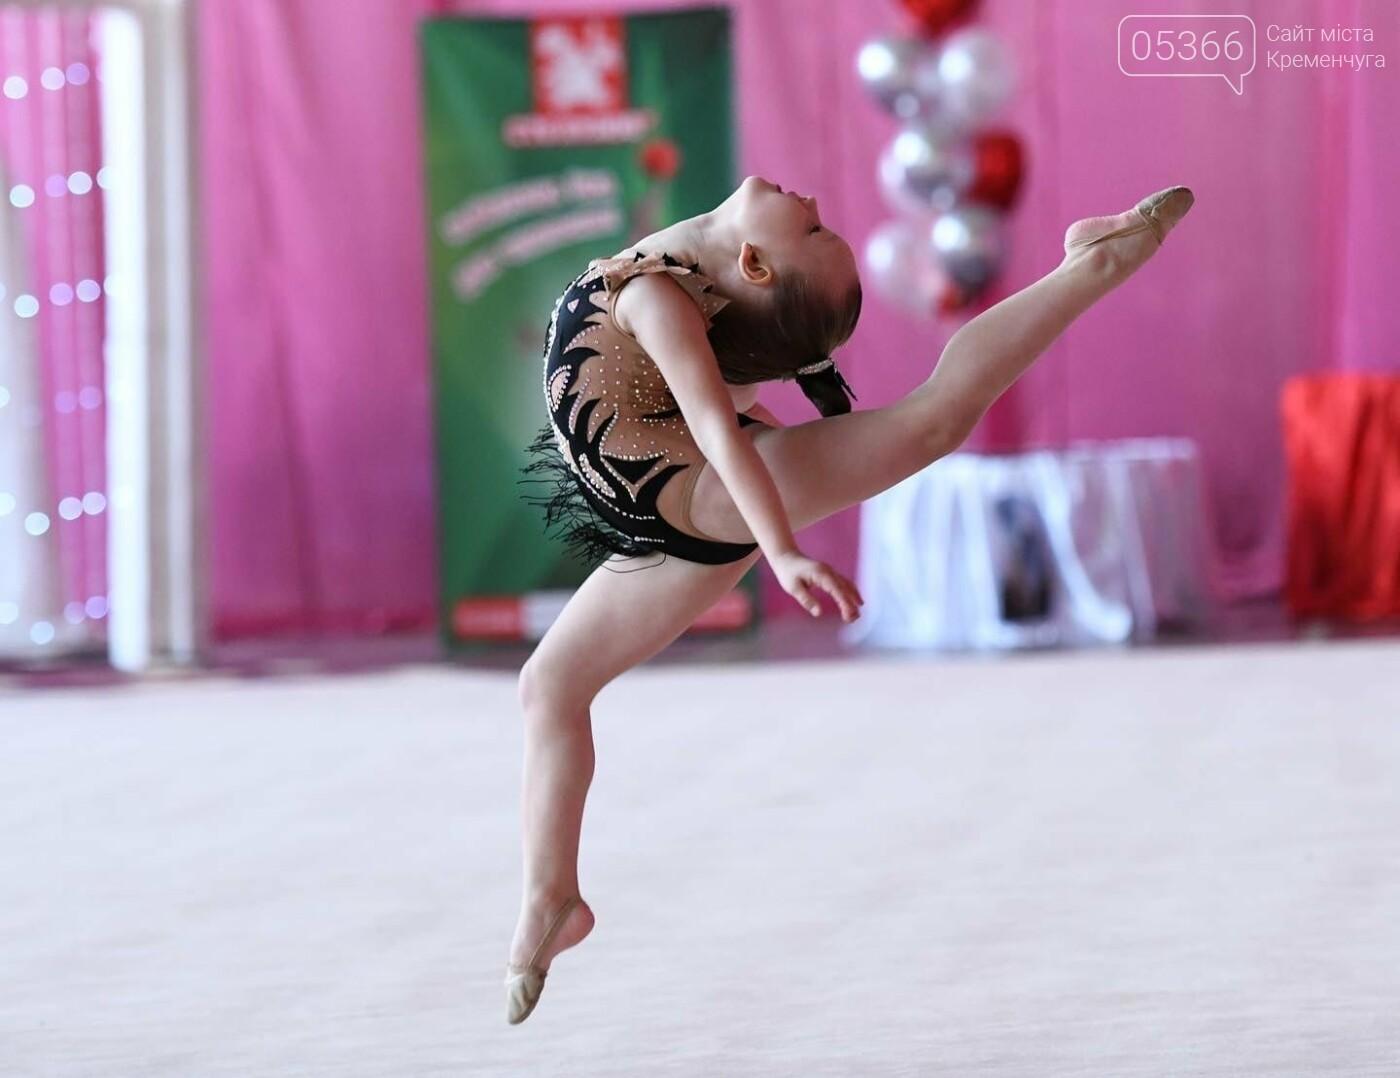 Юна гімнастка, що представляла Кременчук, стала чемпіонкою, фото-1